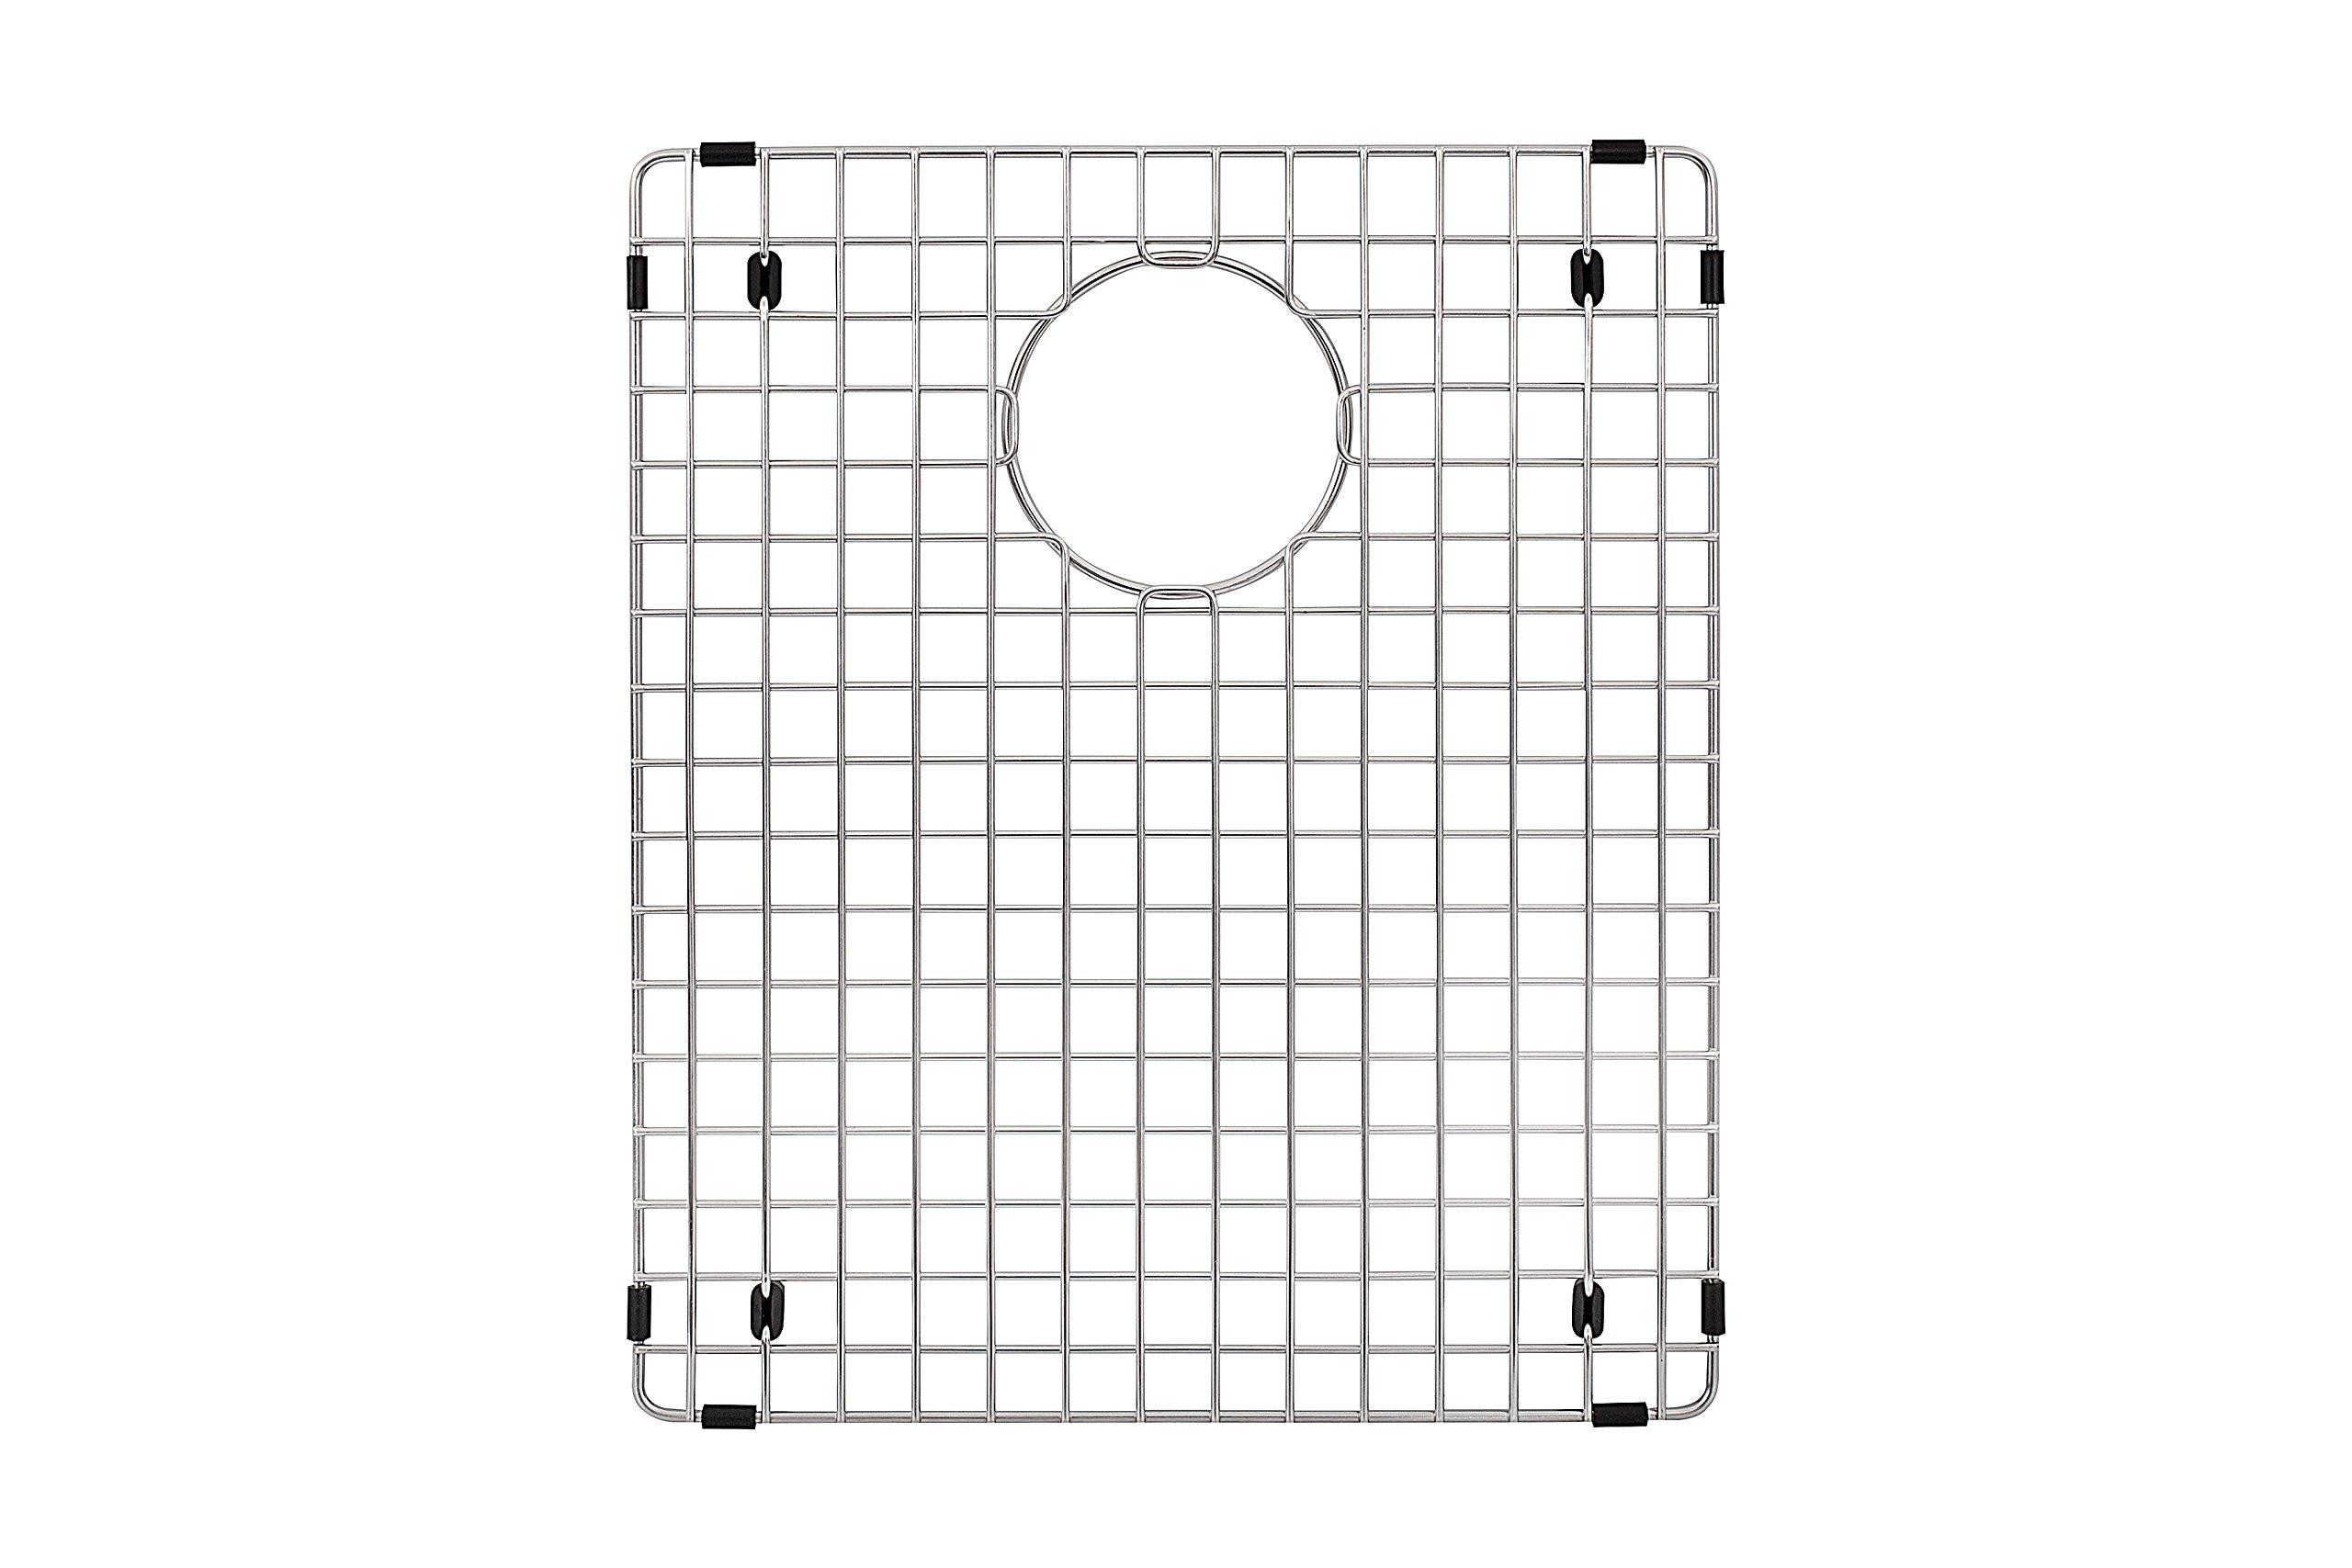 Franke BGHF300 Vector HTS2022-1 Stainless Steel Bottom Sink Grid